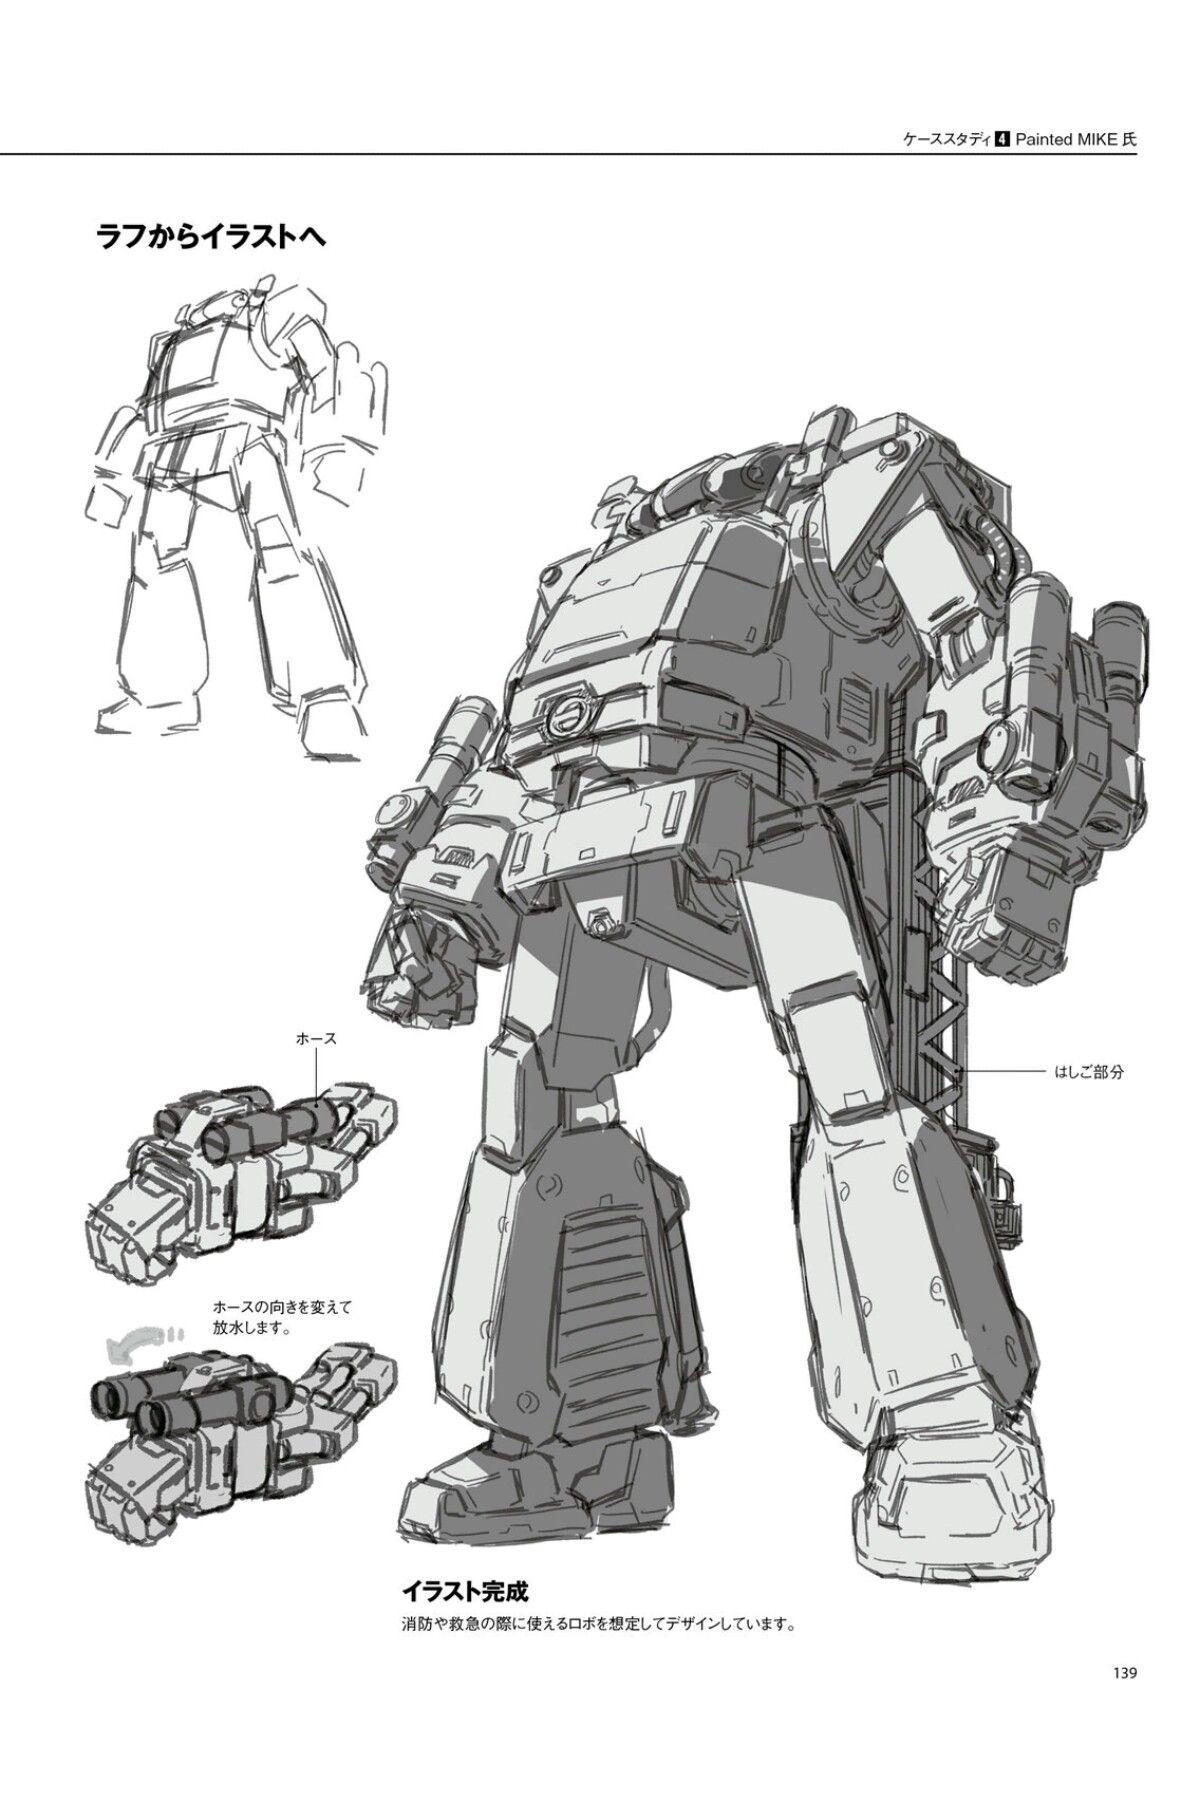 ロボットを描く基本 箱ロボからオリジナルロボまで How To Draw Manga Drawing Robots For Basics From Basic Box Robots To Original R Transformers Design Mechanical Design Sketch Design